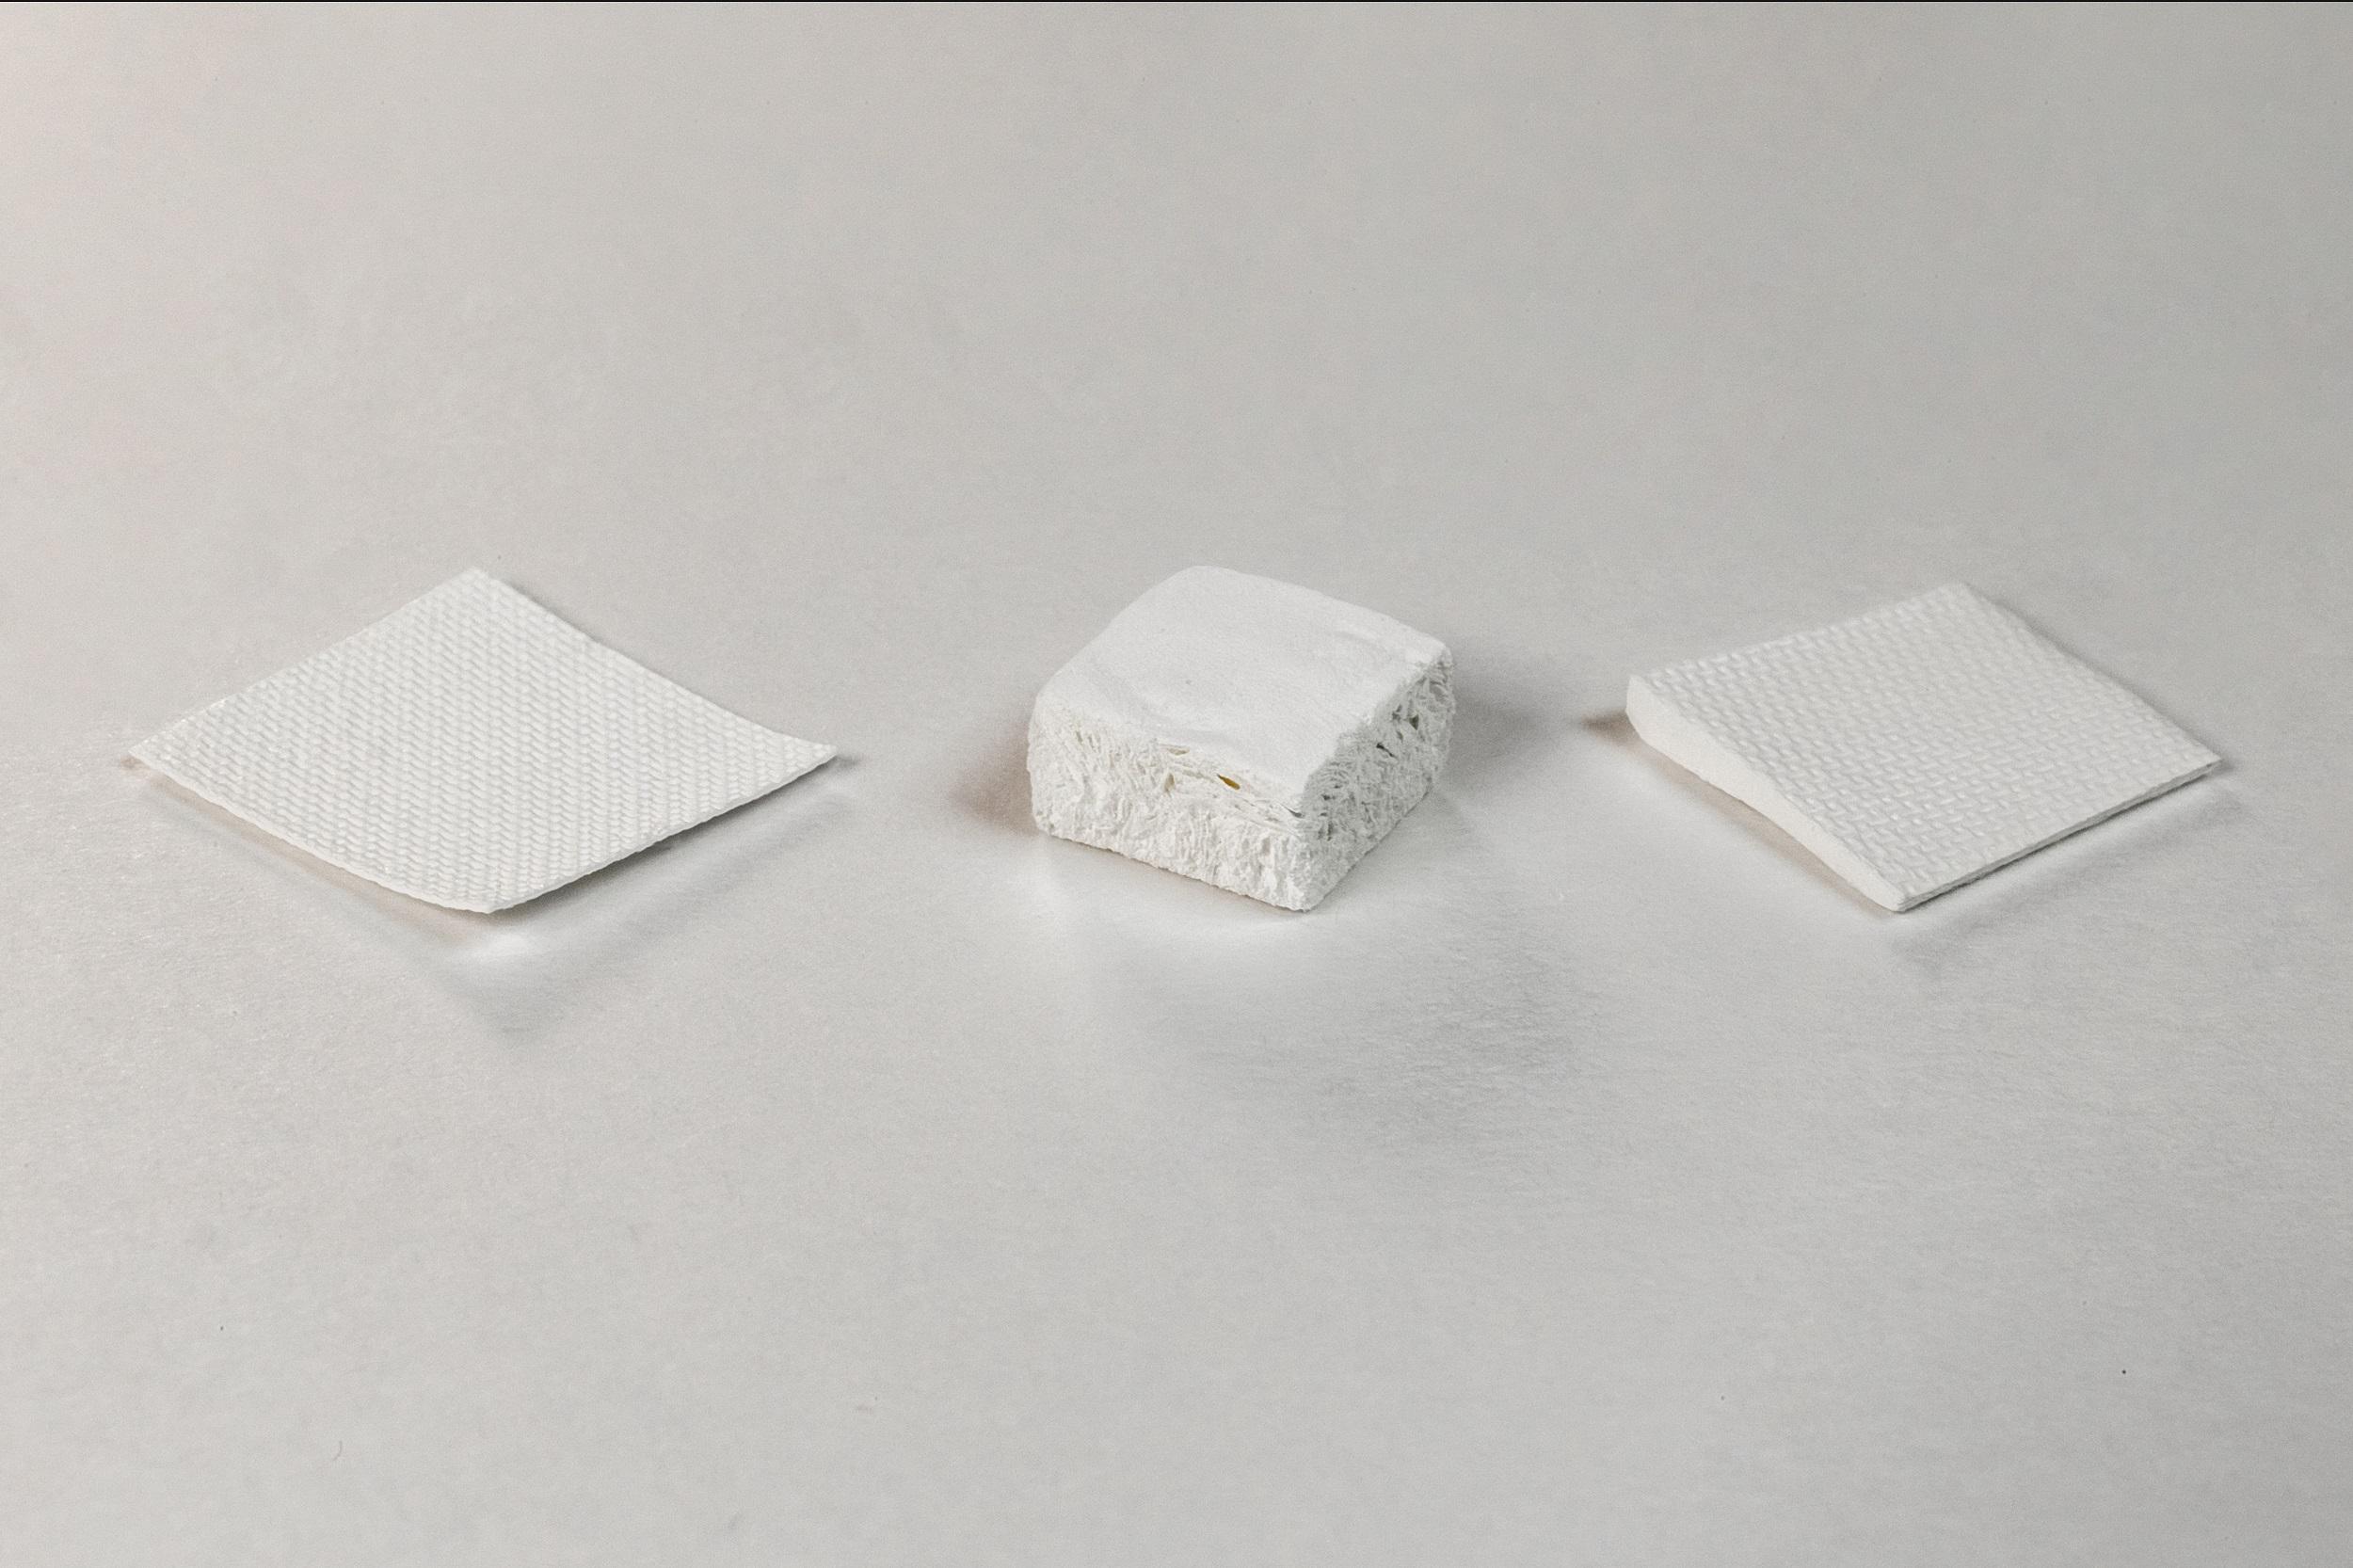 OSSIX regenerative products